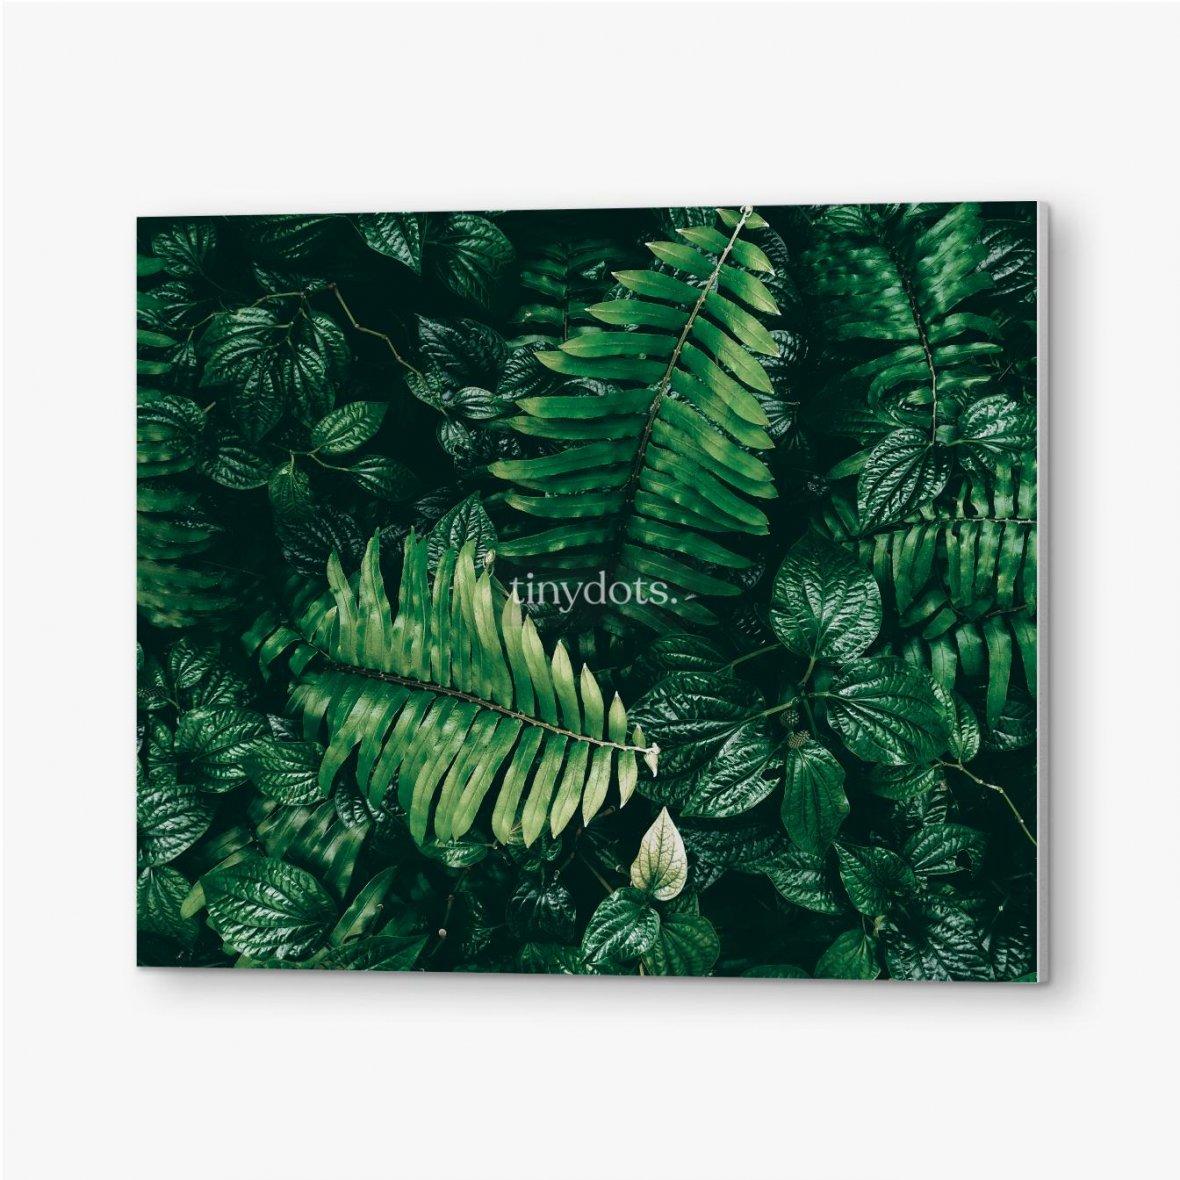 Bilder auf PVC Tropisches grünes Blatt im dunklen Ton.